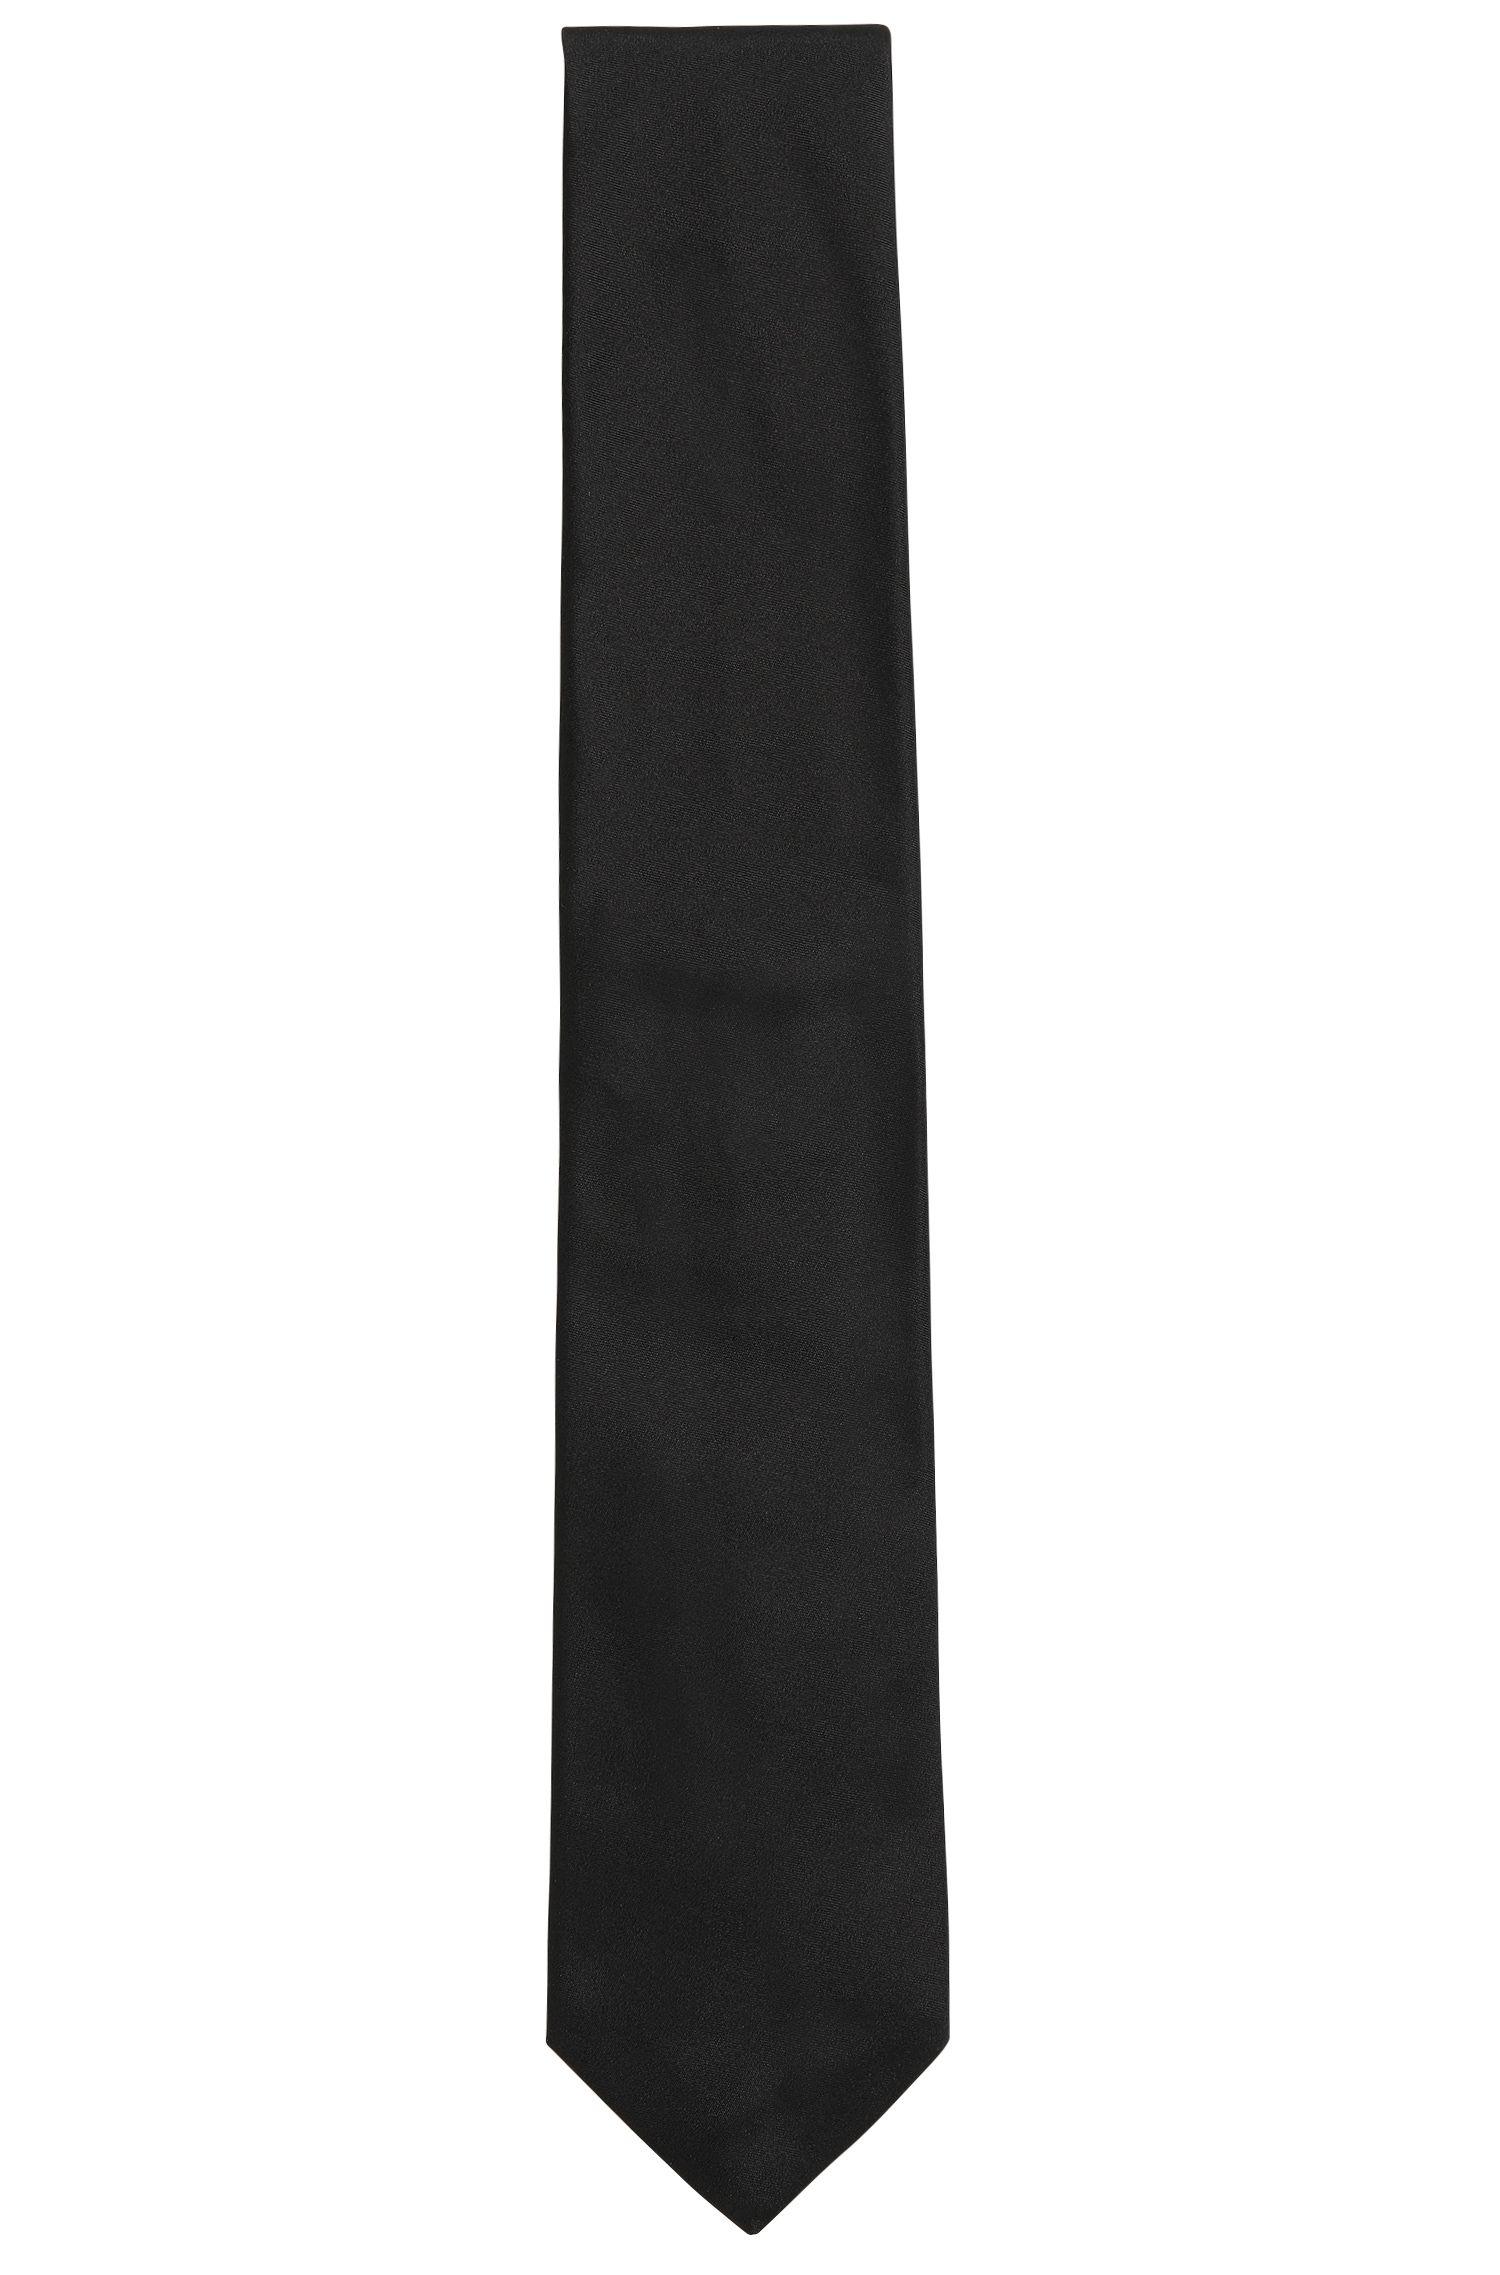 In Italien gefertigte Krawatte aus reiner Seide